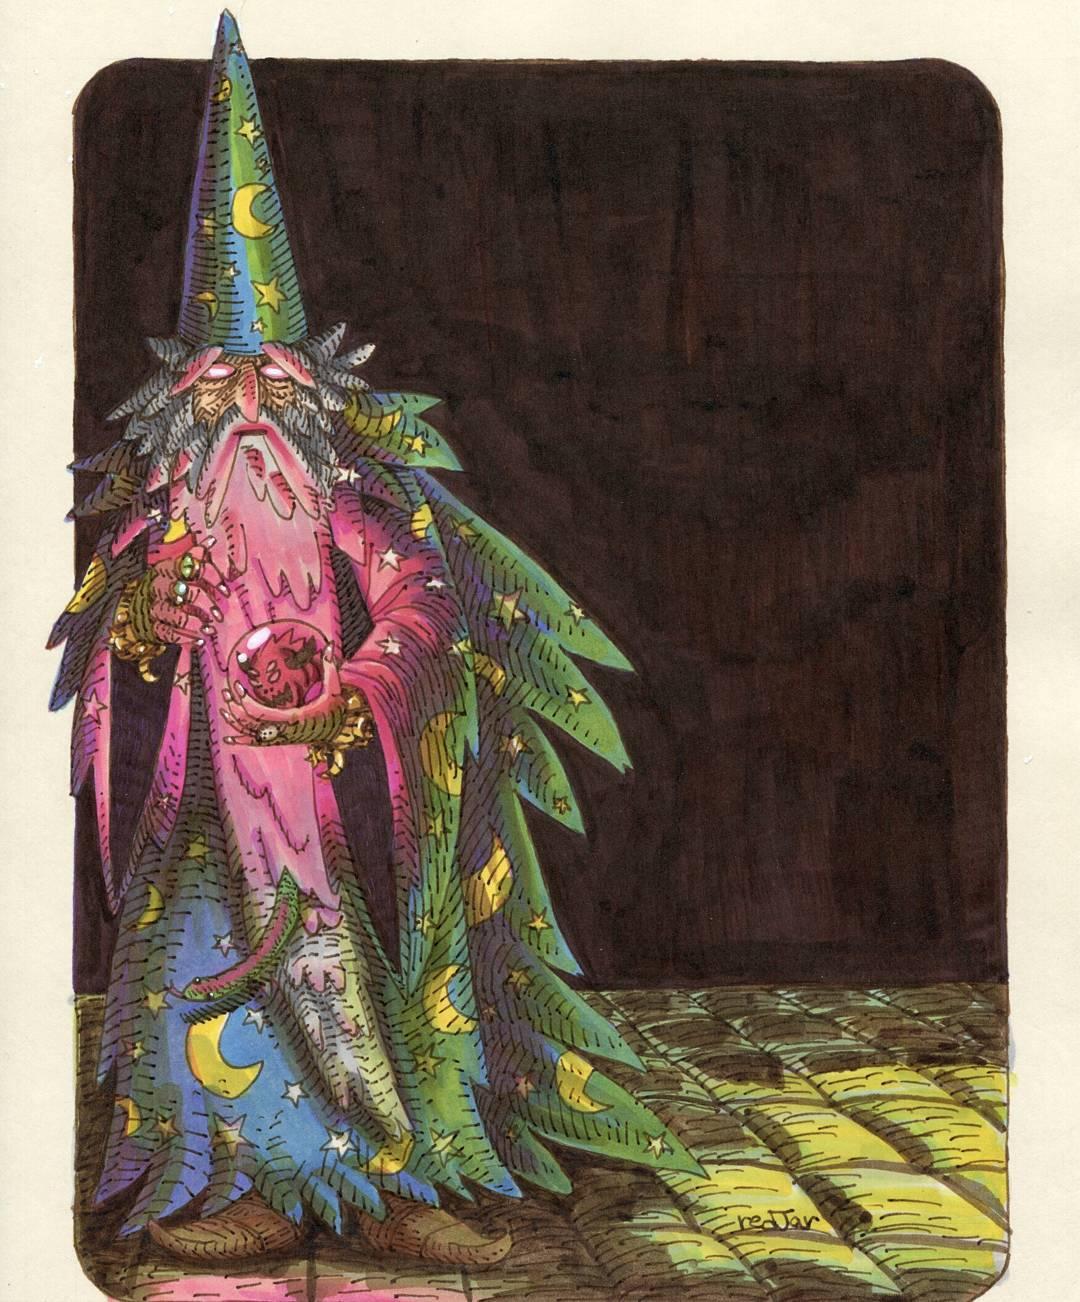 """redjarojam """"Corrupt Wizard"""" - by Jared DeCosta (redjarojam) www.instagram.com/redjarojam (2016-2019) © dell'autore tutti i diritti riservati"""